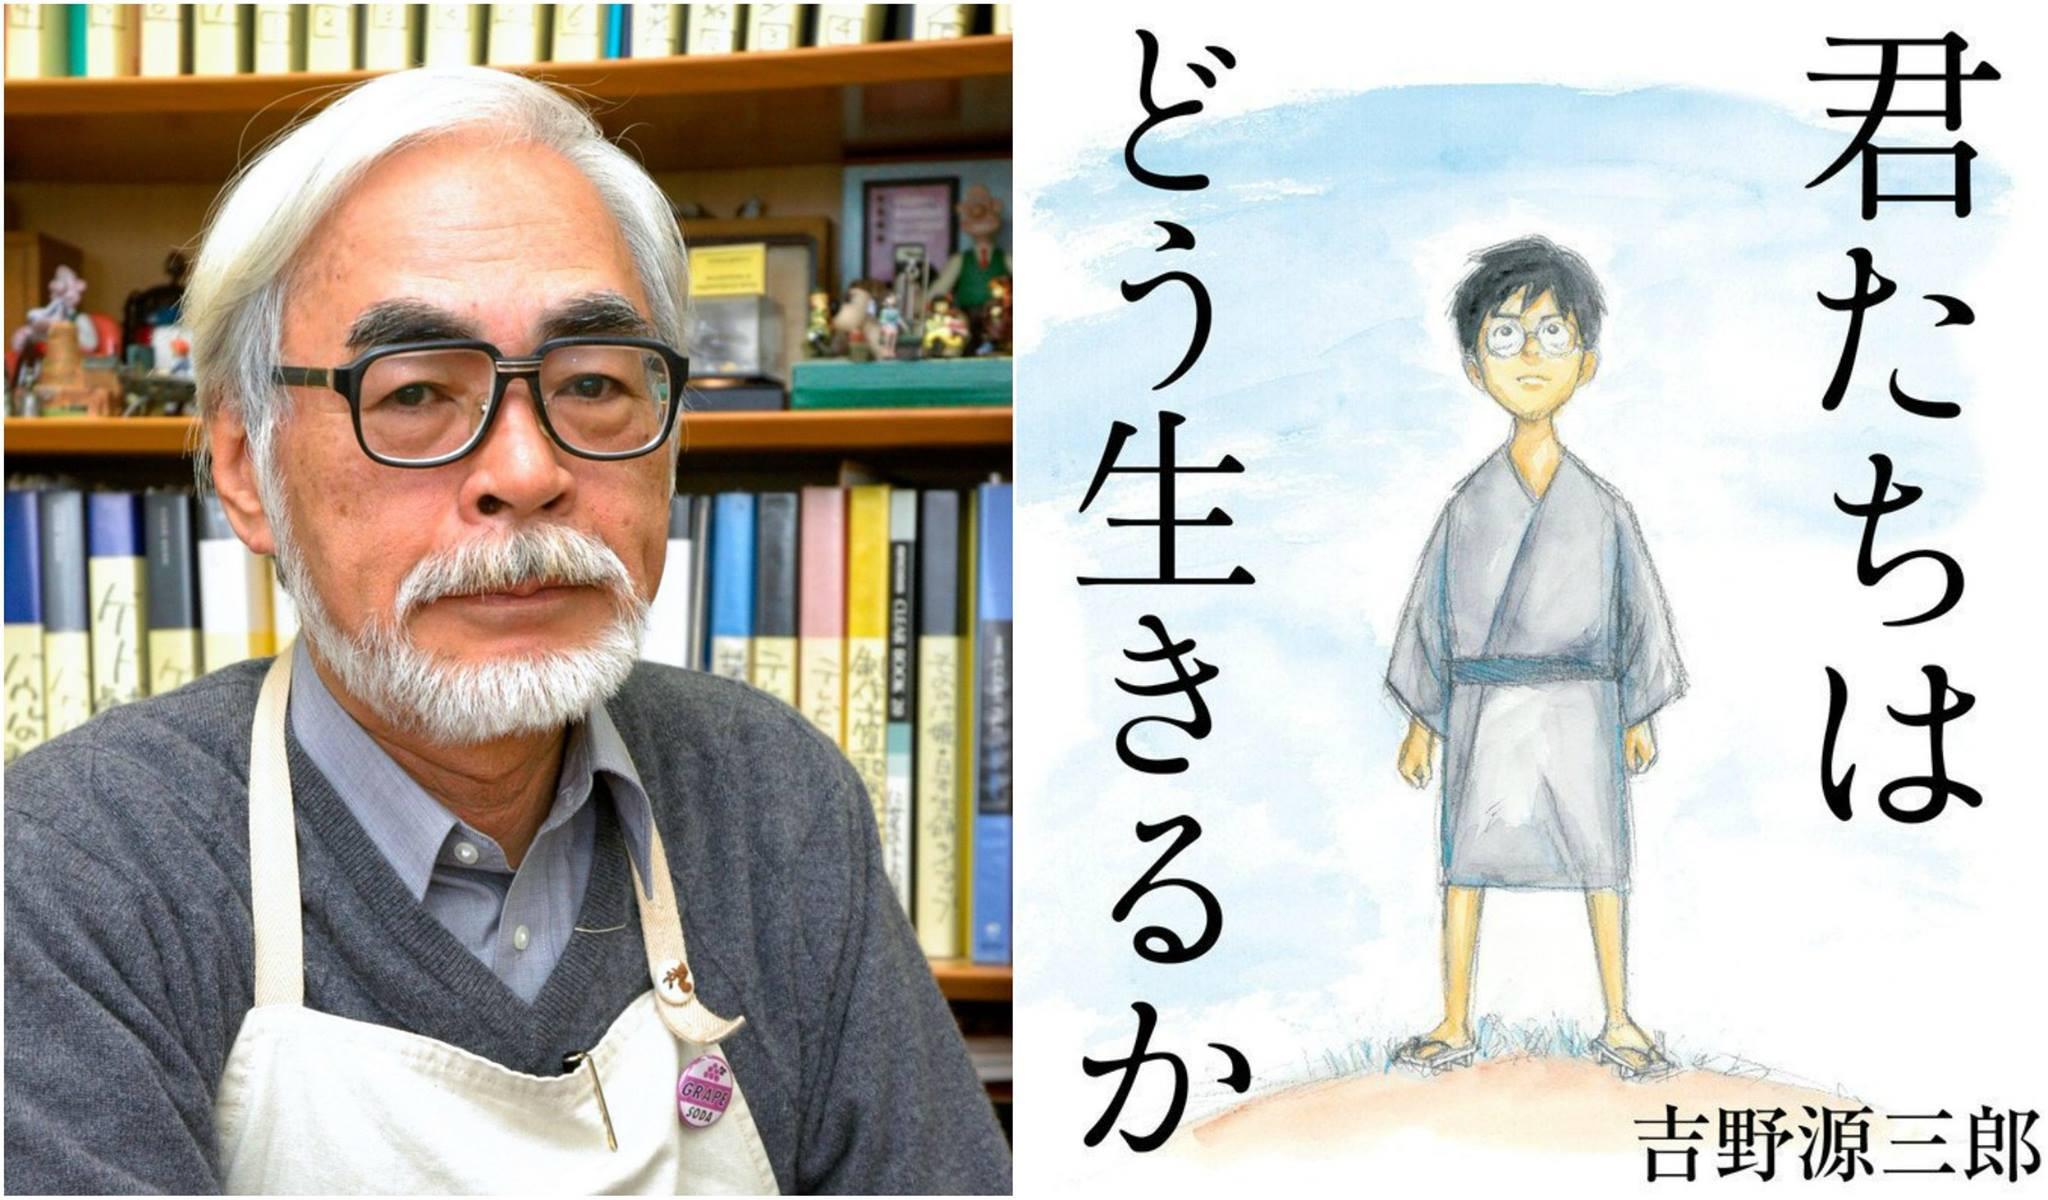 Naslednji film Miyazaki Hayaa vsebuje že 36 minut gradiva kljub koronavirusu